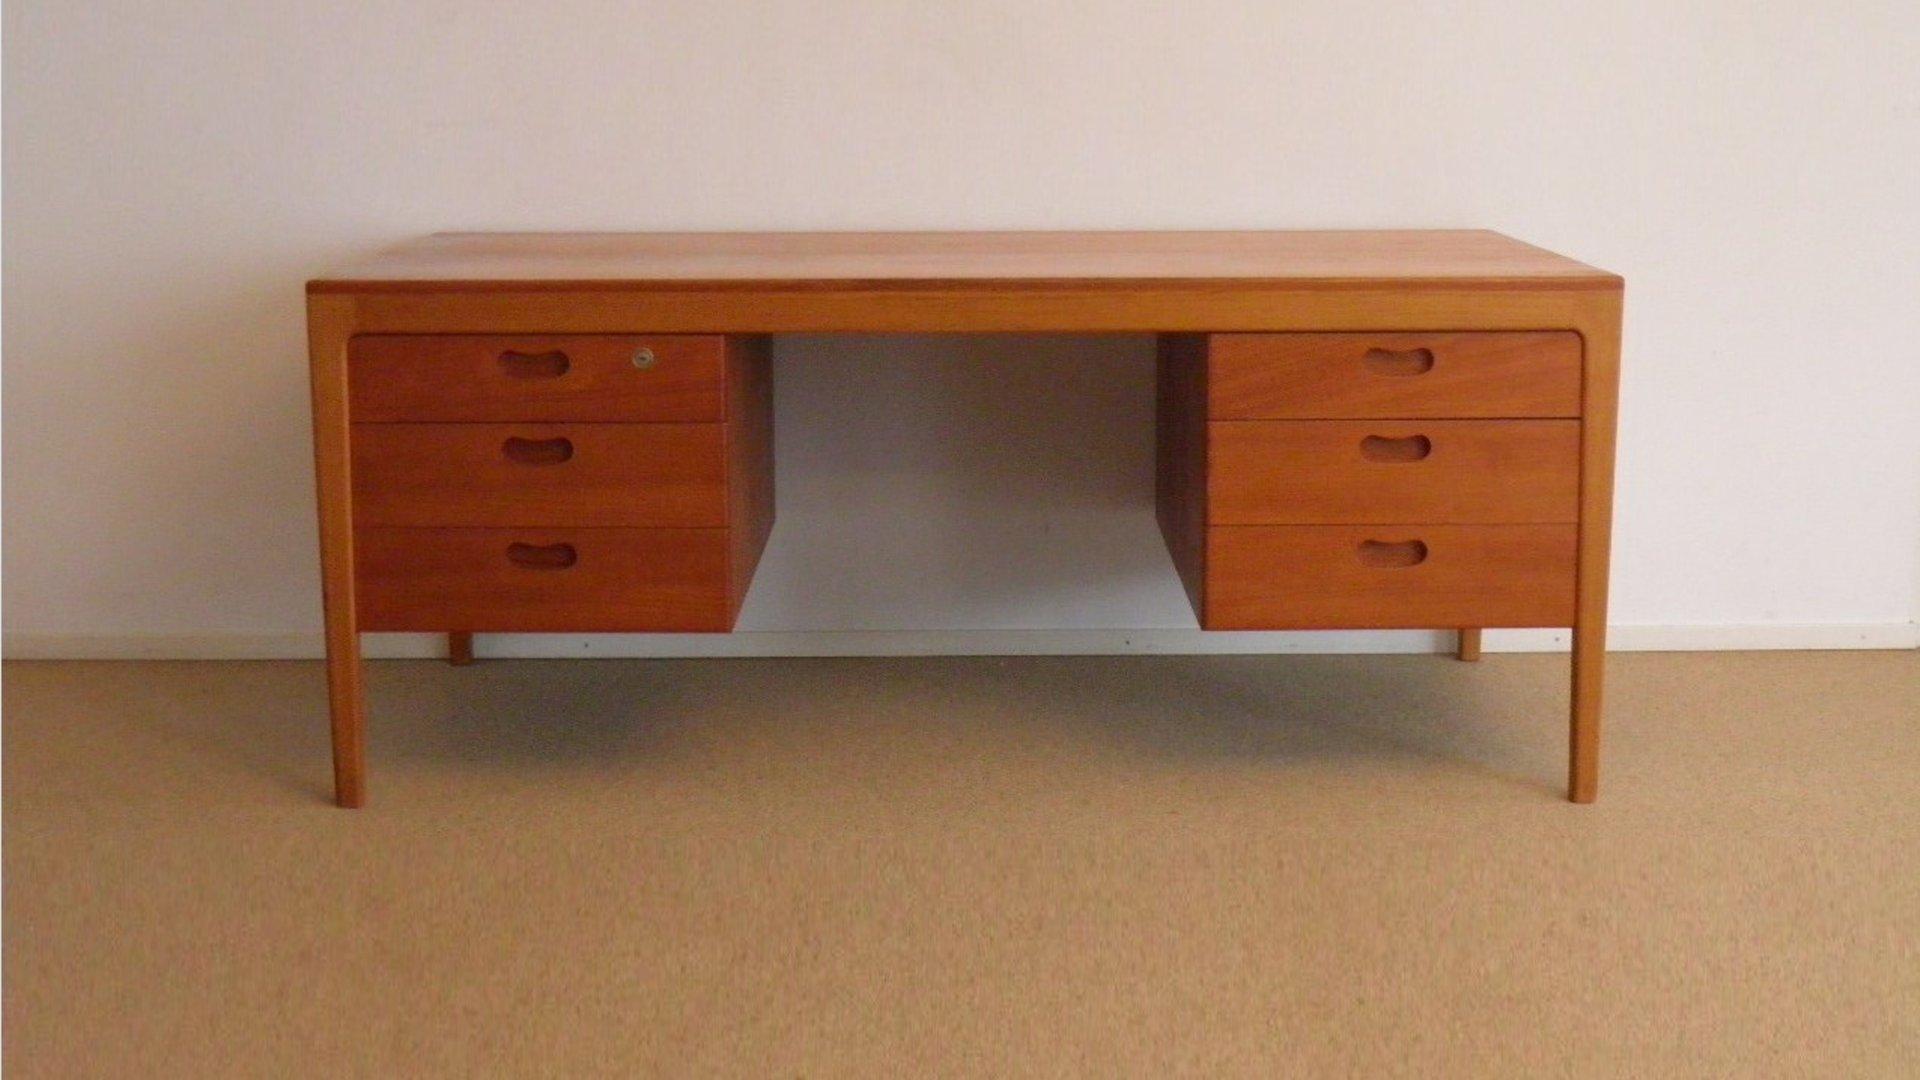 d nischer mid century schreibtisch mit schubladen 1960er. Black Bedroom Furniture Sets. Home Design Ideas